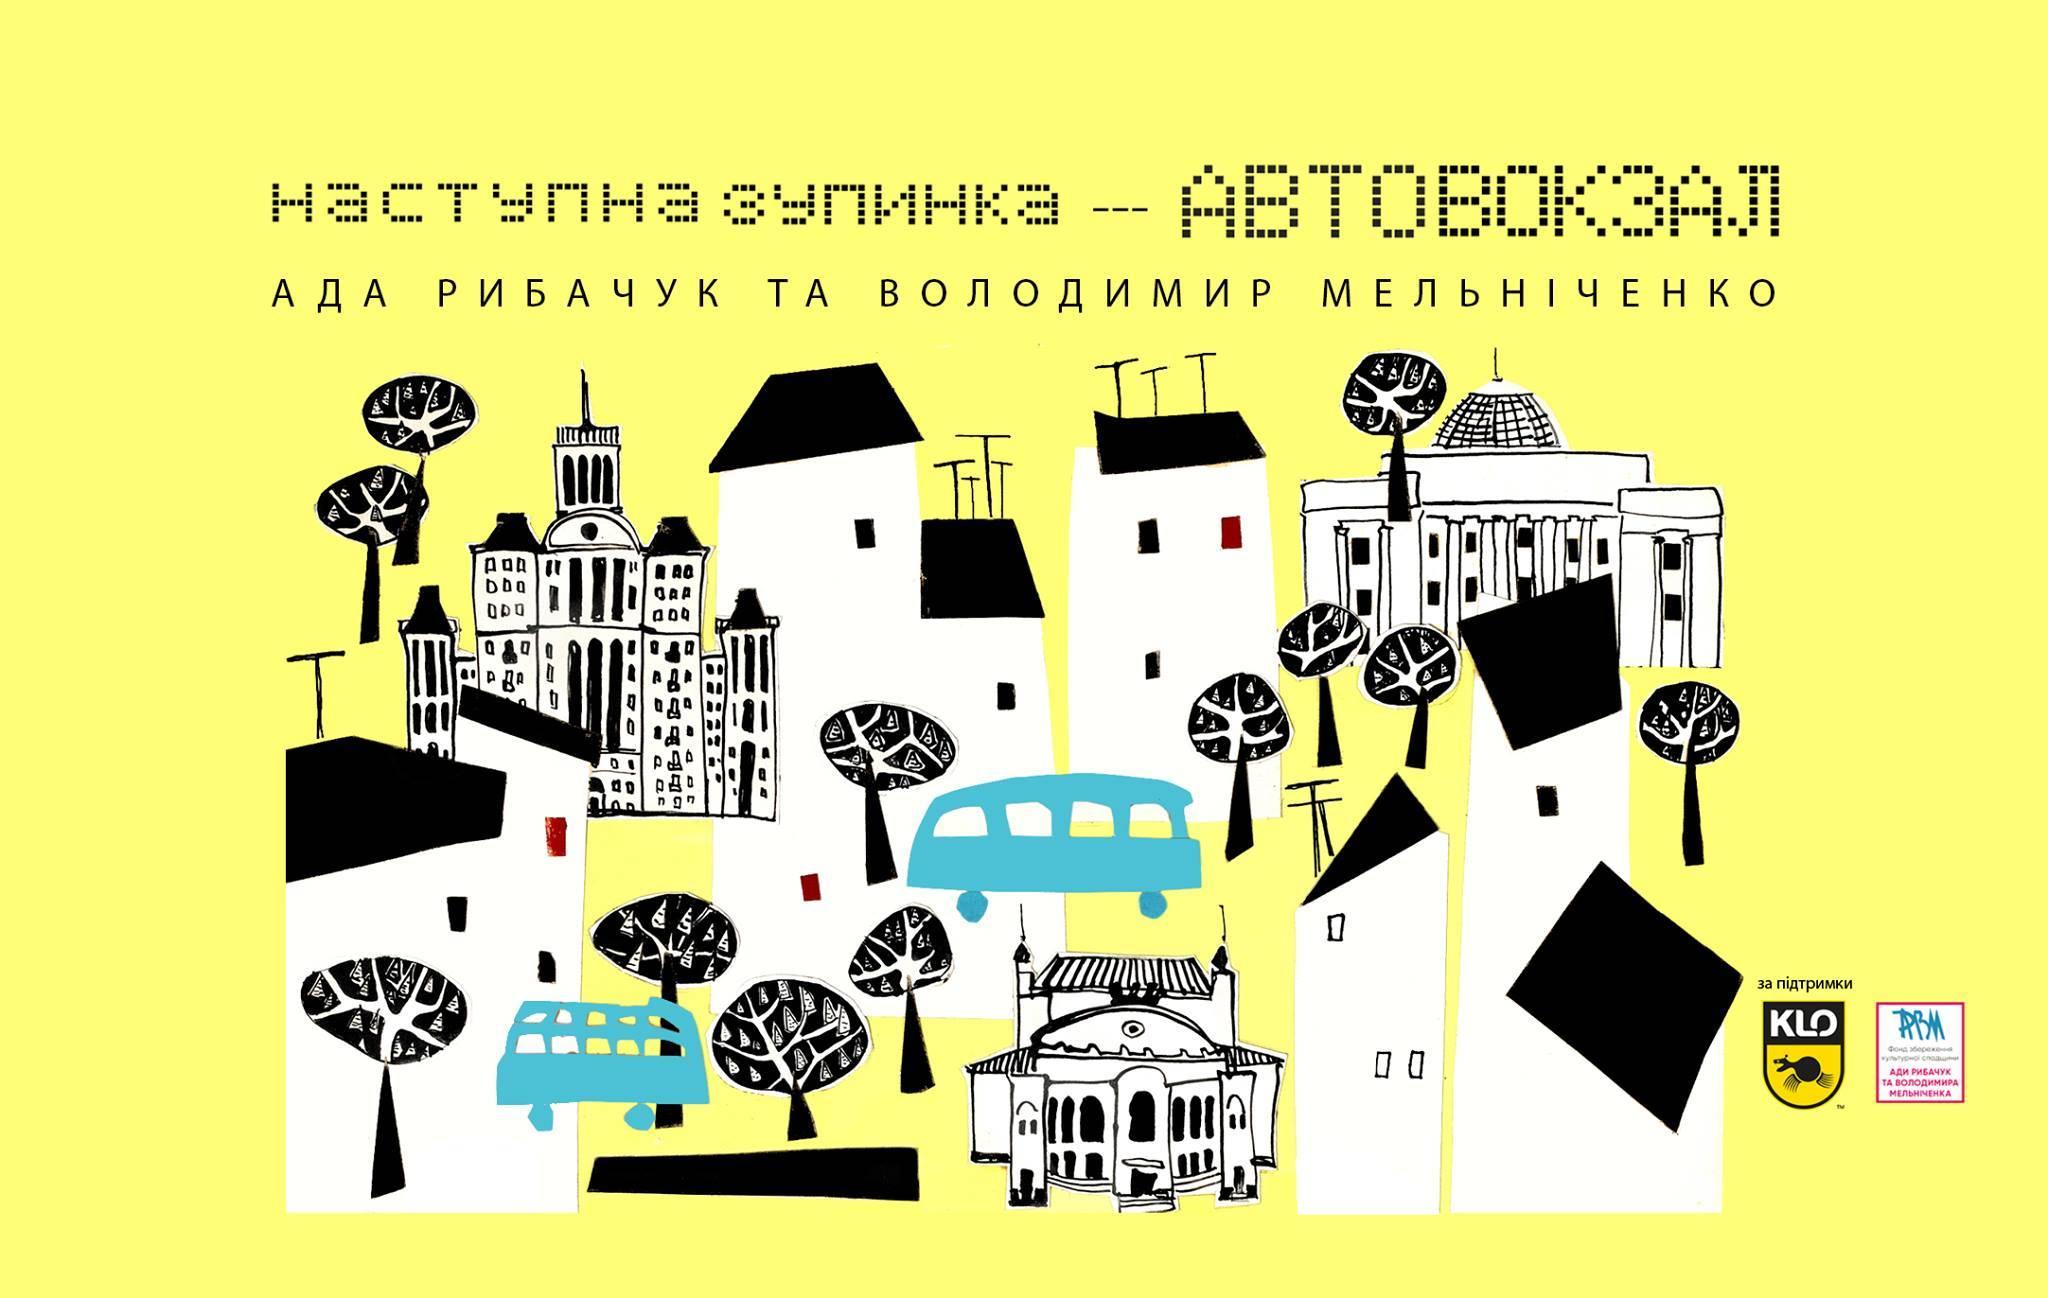 Ада Рибачук та Володимир Мельніченко в галереї «Дукат»